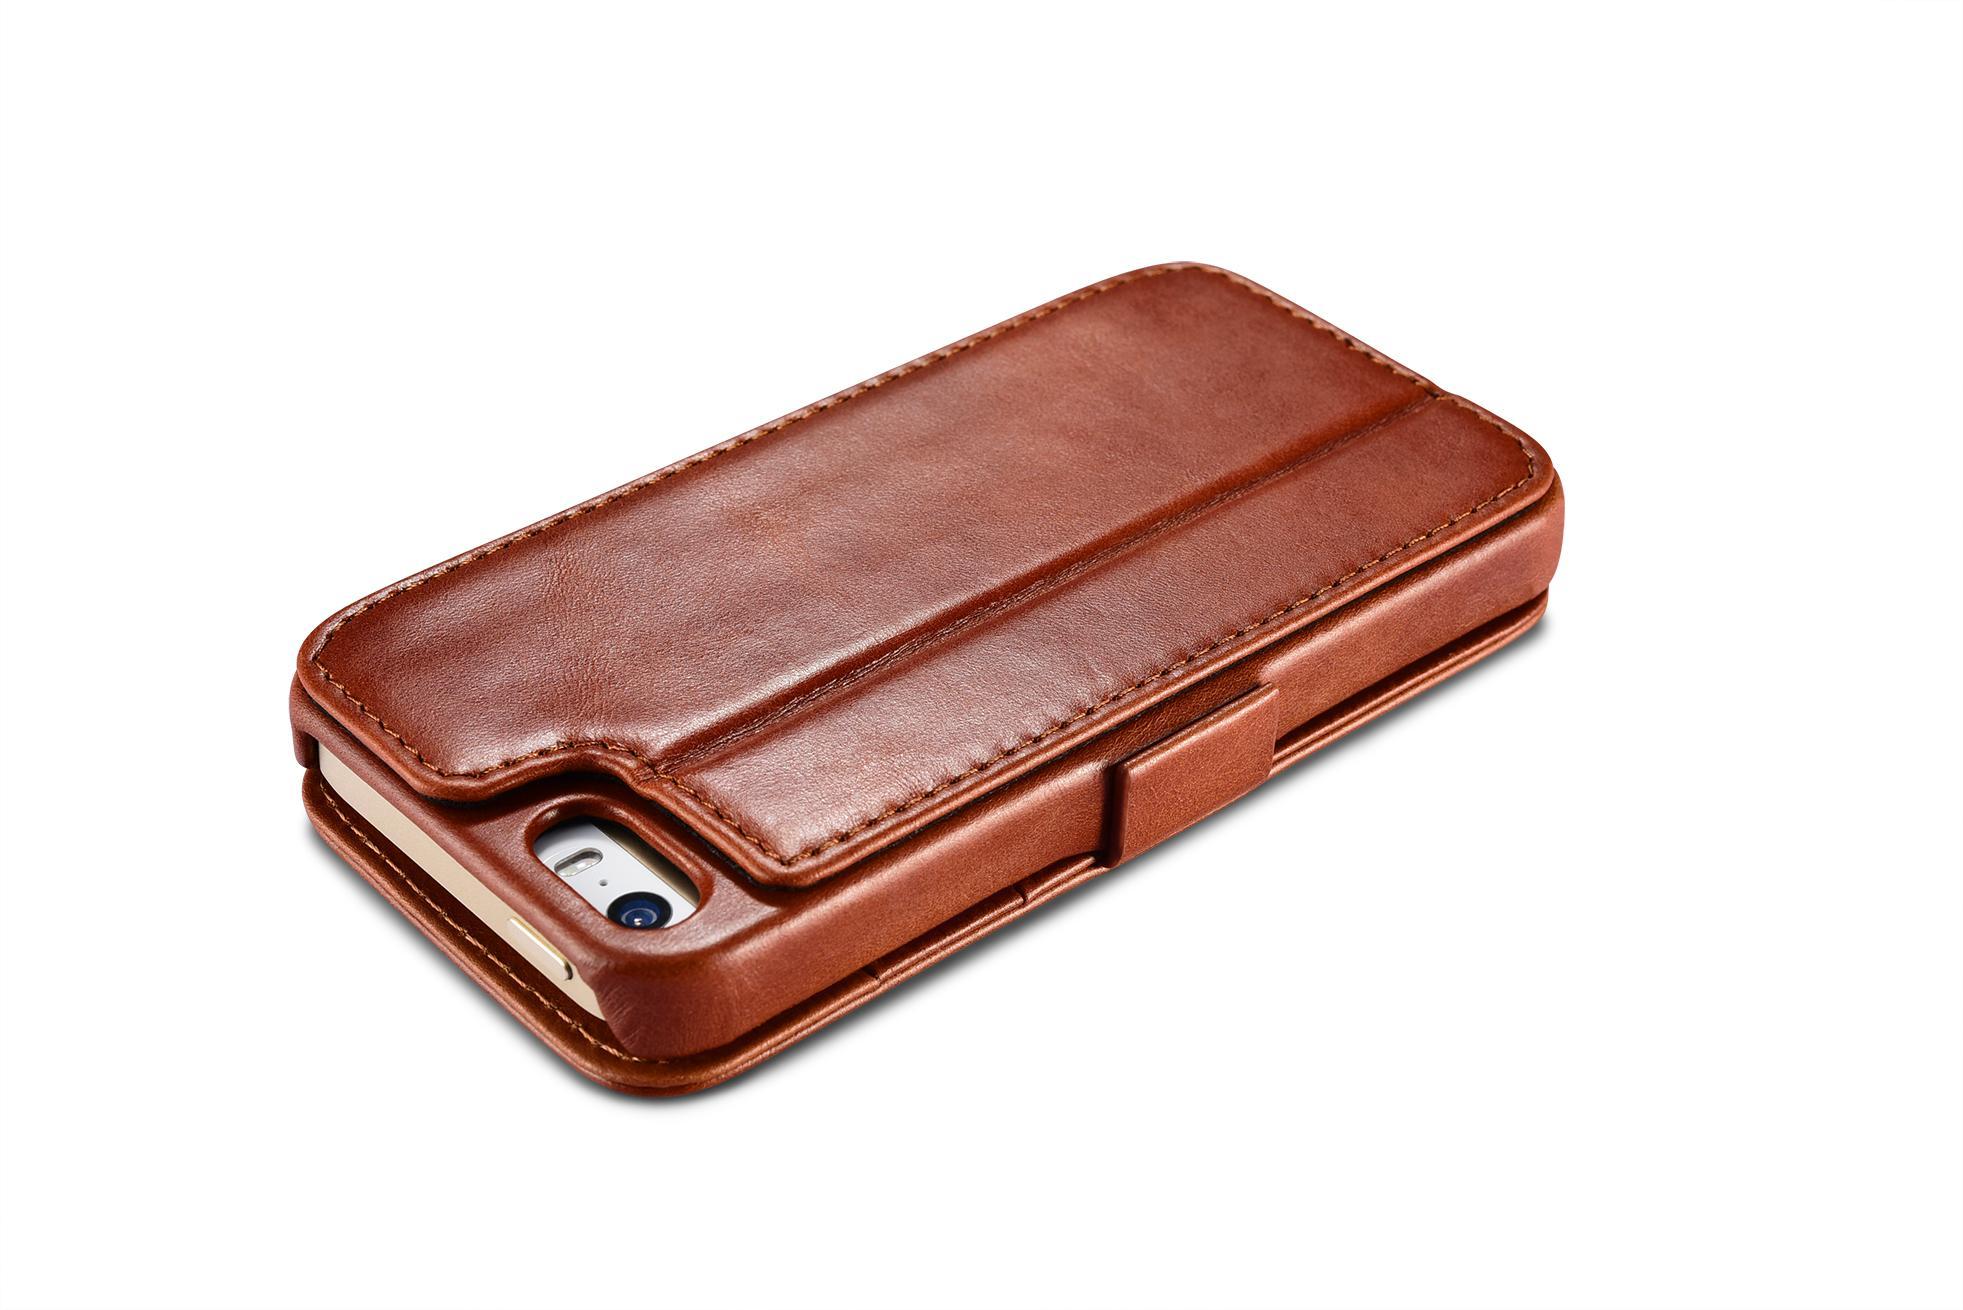 2017 iCarer iPhone SE/5S/5 Vintage Wallet Case with Two Credit Cards Slot Design 8